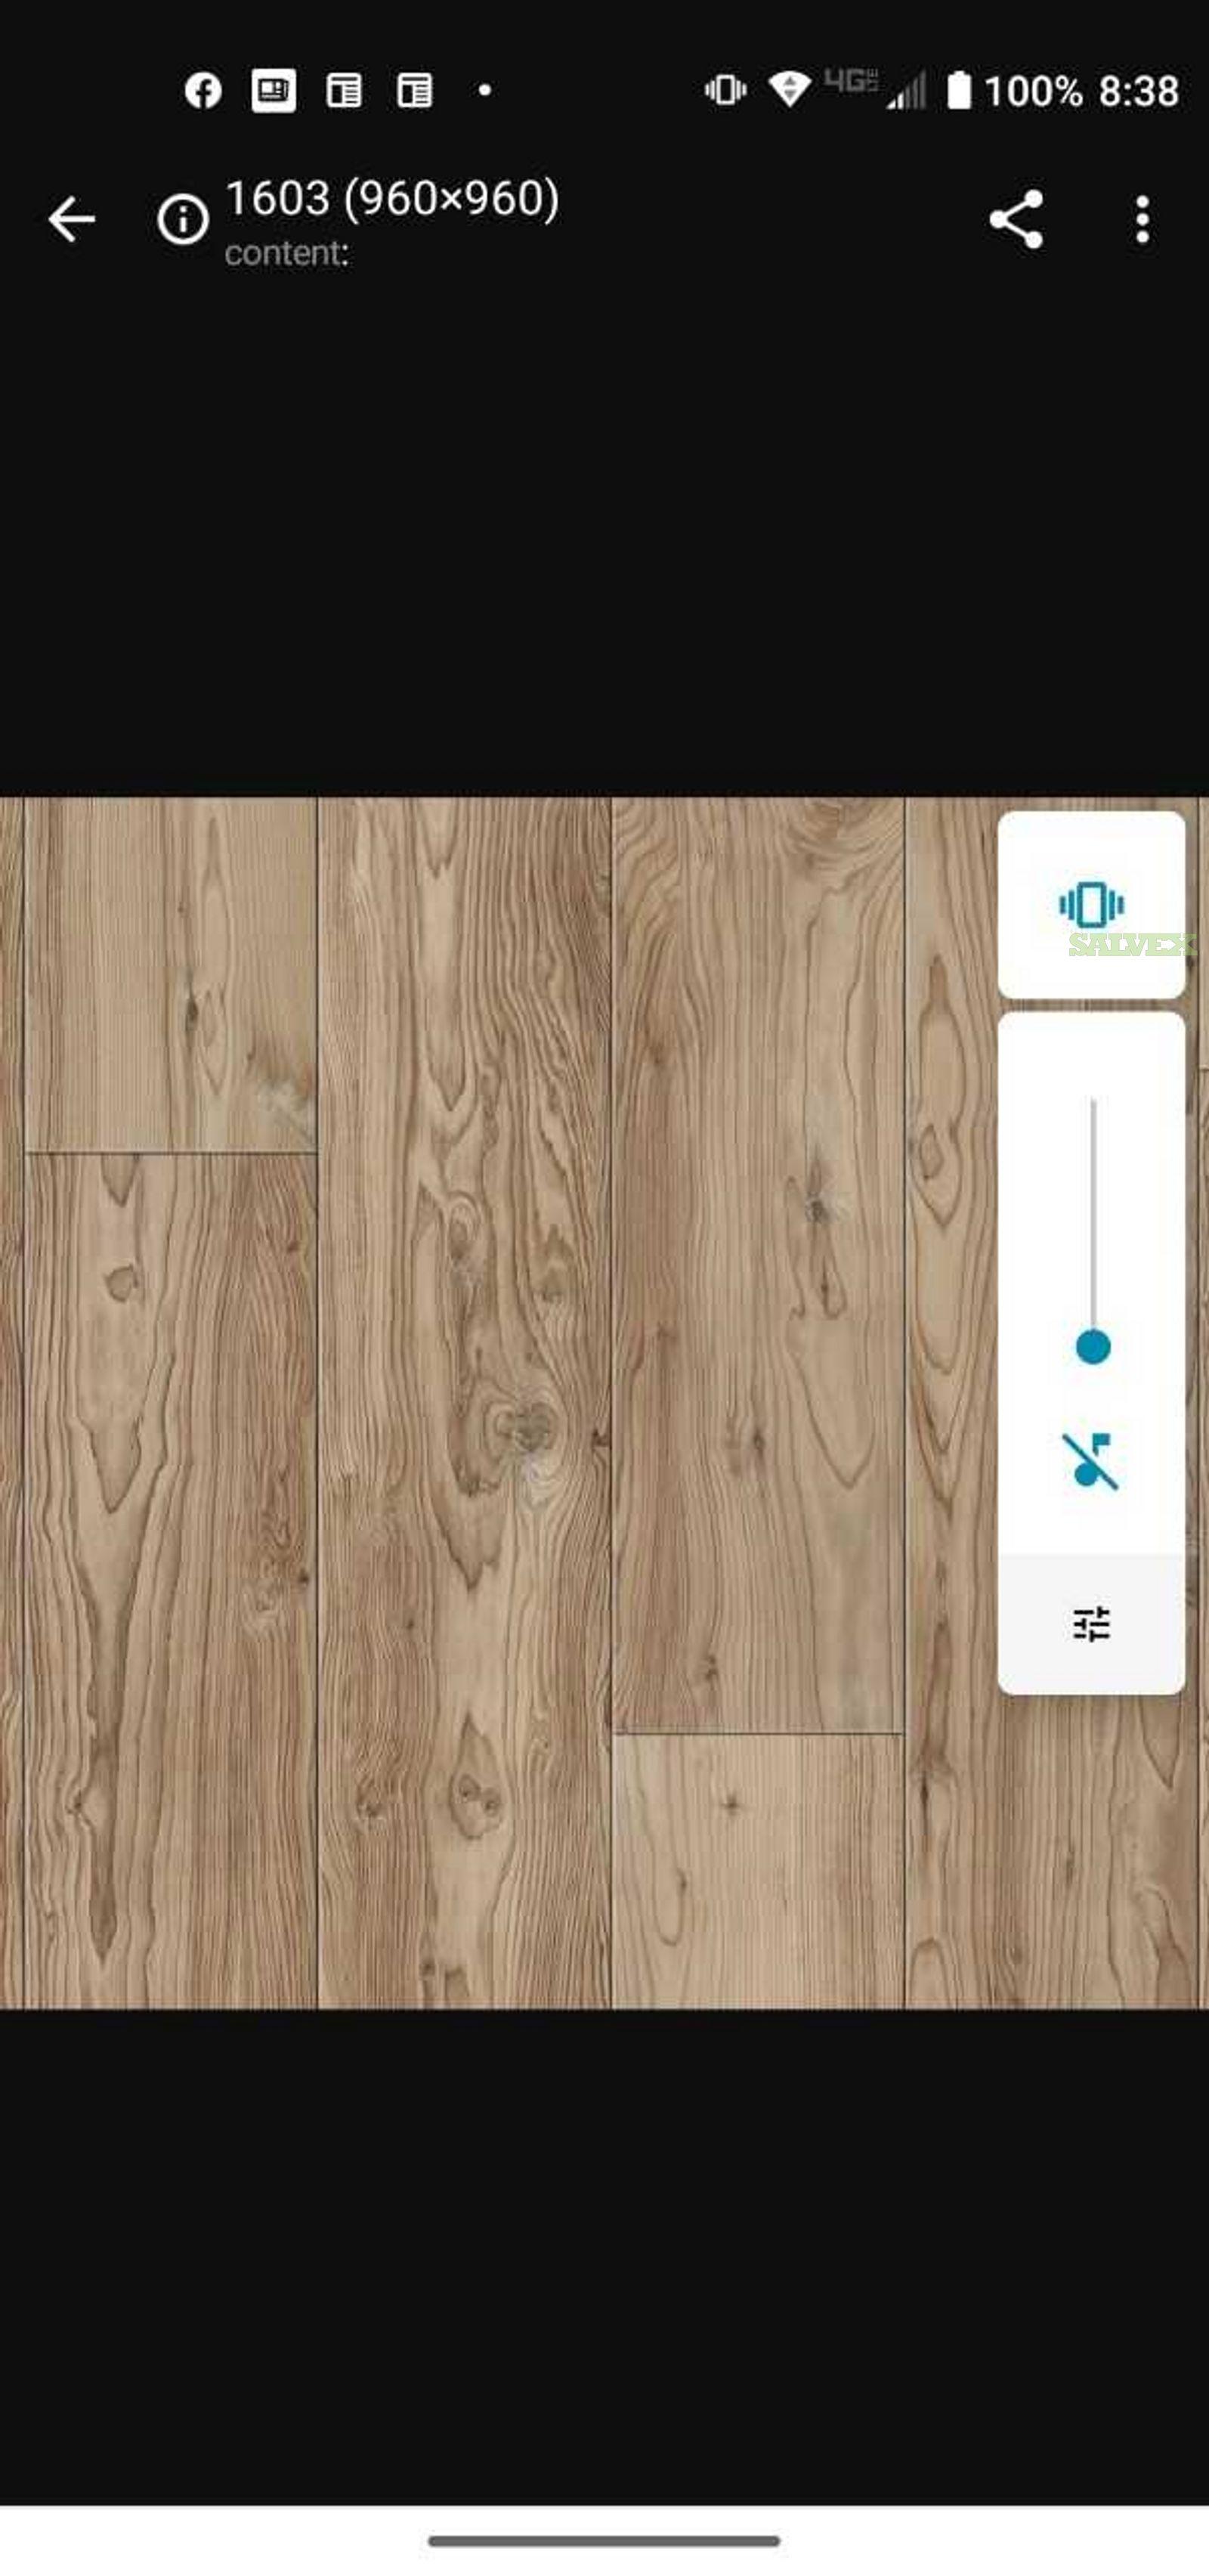 Tarkett Adapt SSP Super Commercial  Vinyl Plank Flooring (5,000 Sq.ft. )